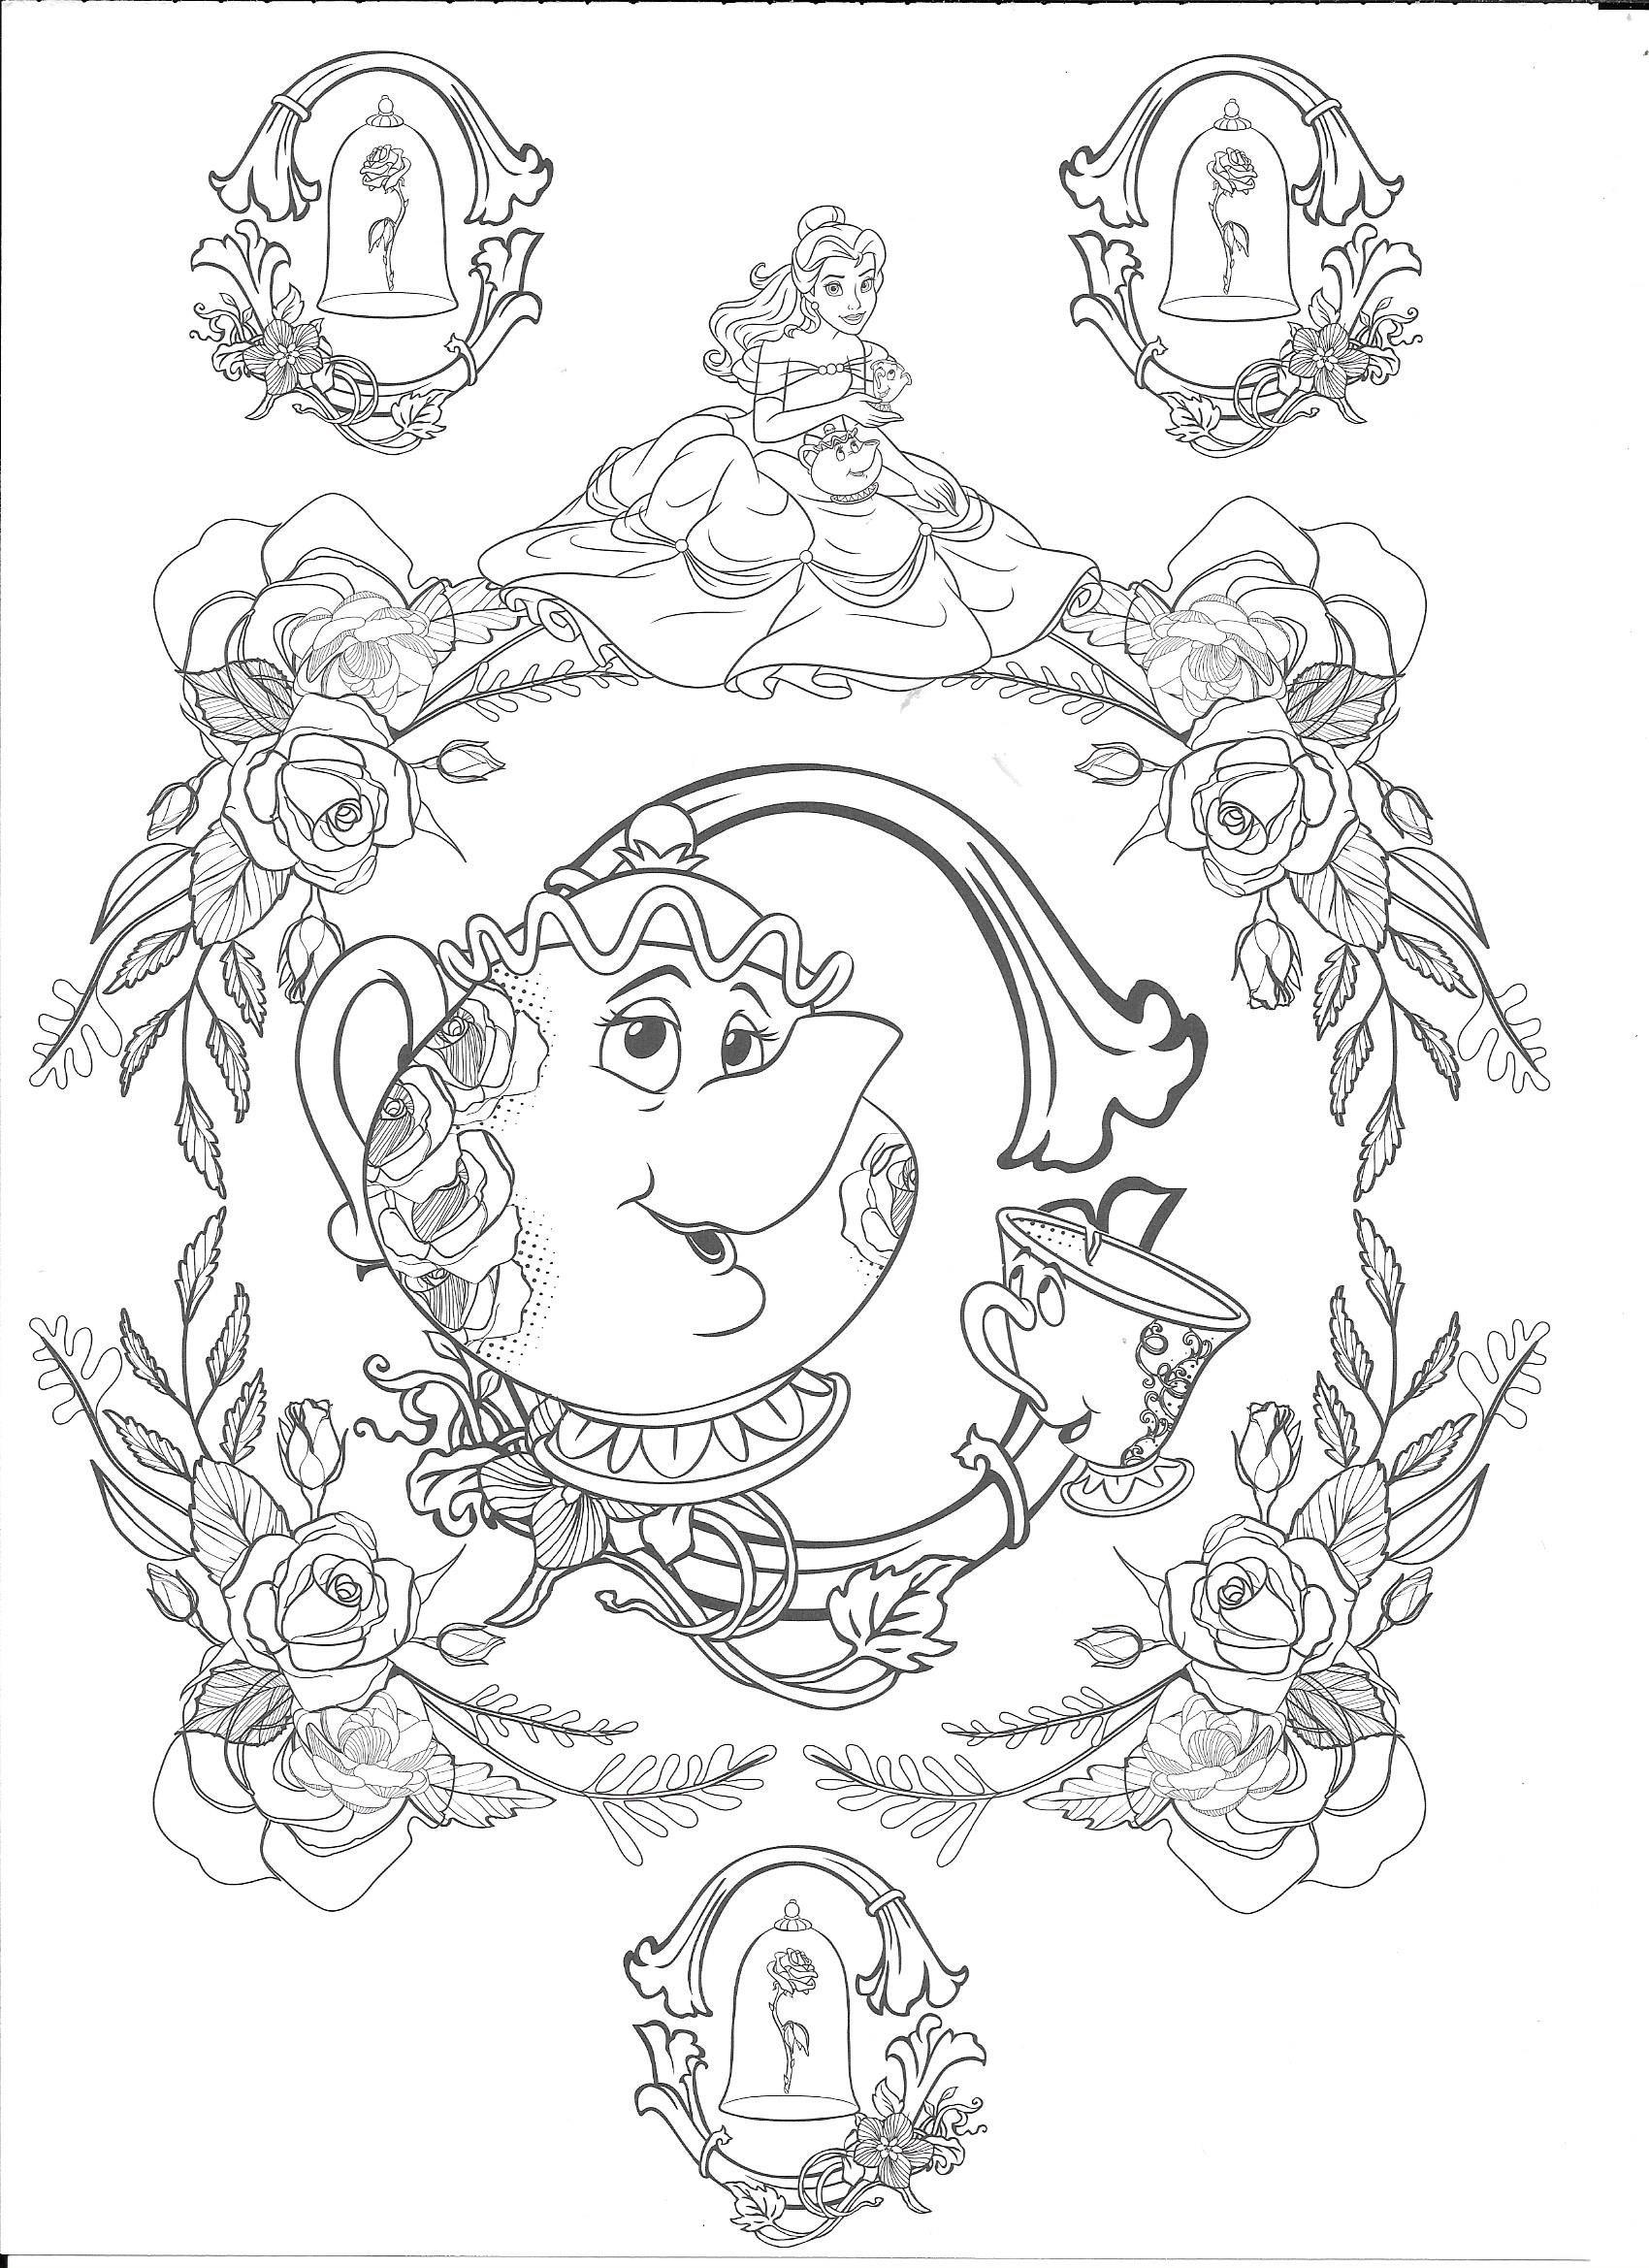 Pin Von Rebecca Harbecke Auf Malbilder Disney Prinzessin